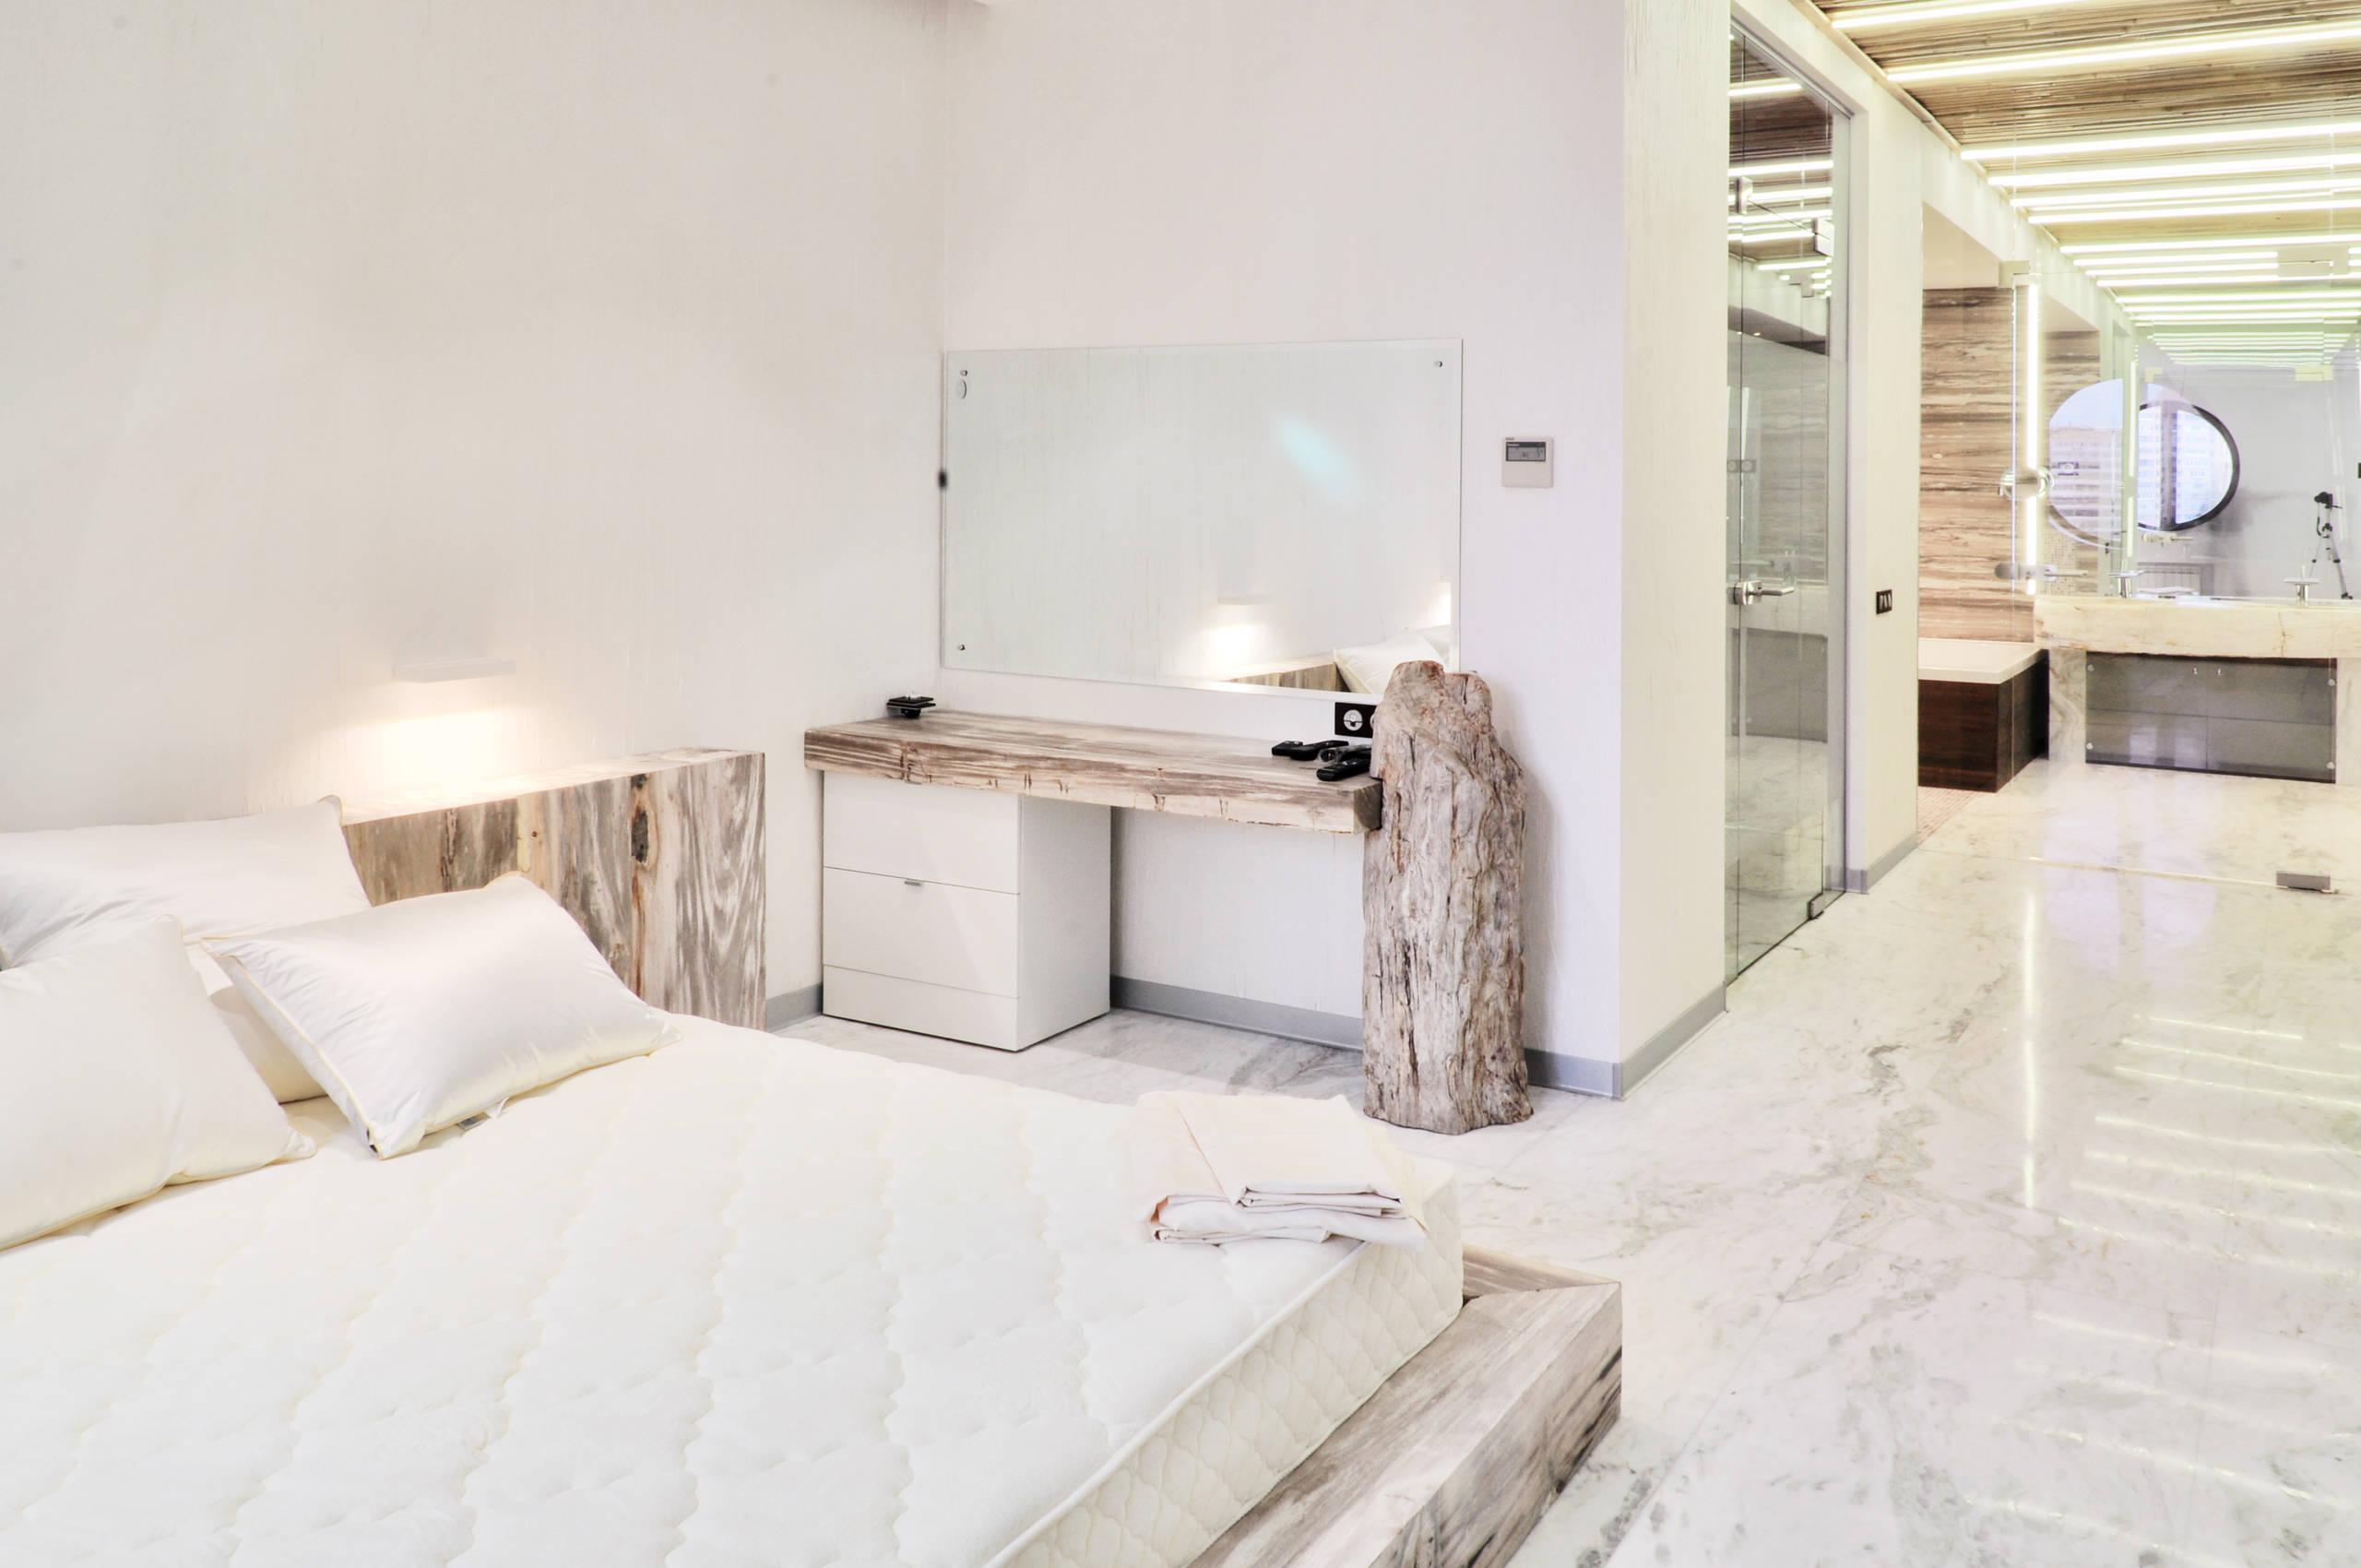 75 Beautiful Marble Floor Master Bedroom Pictures Ideas December 2020 Houzz